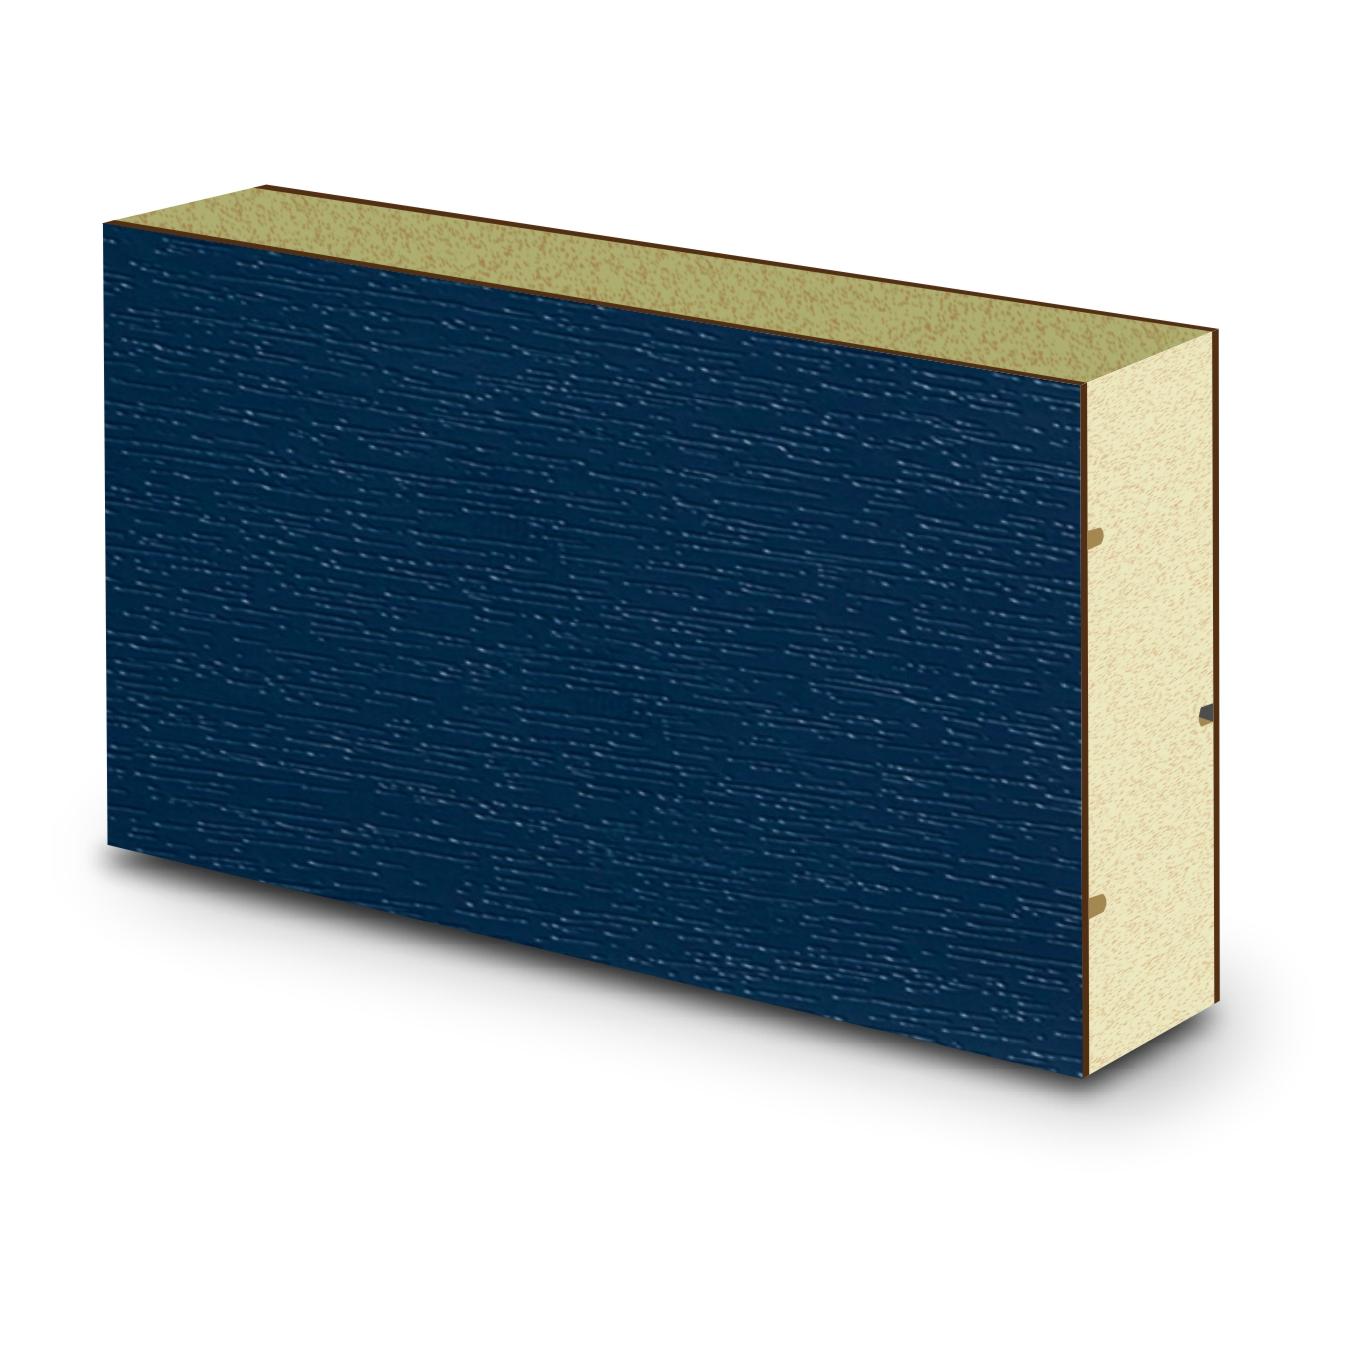 plyta-5150.05-167-Renolit-515005167-Stahlblau